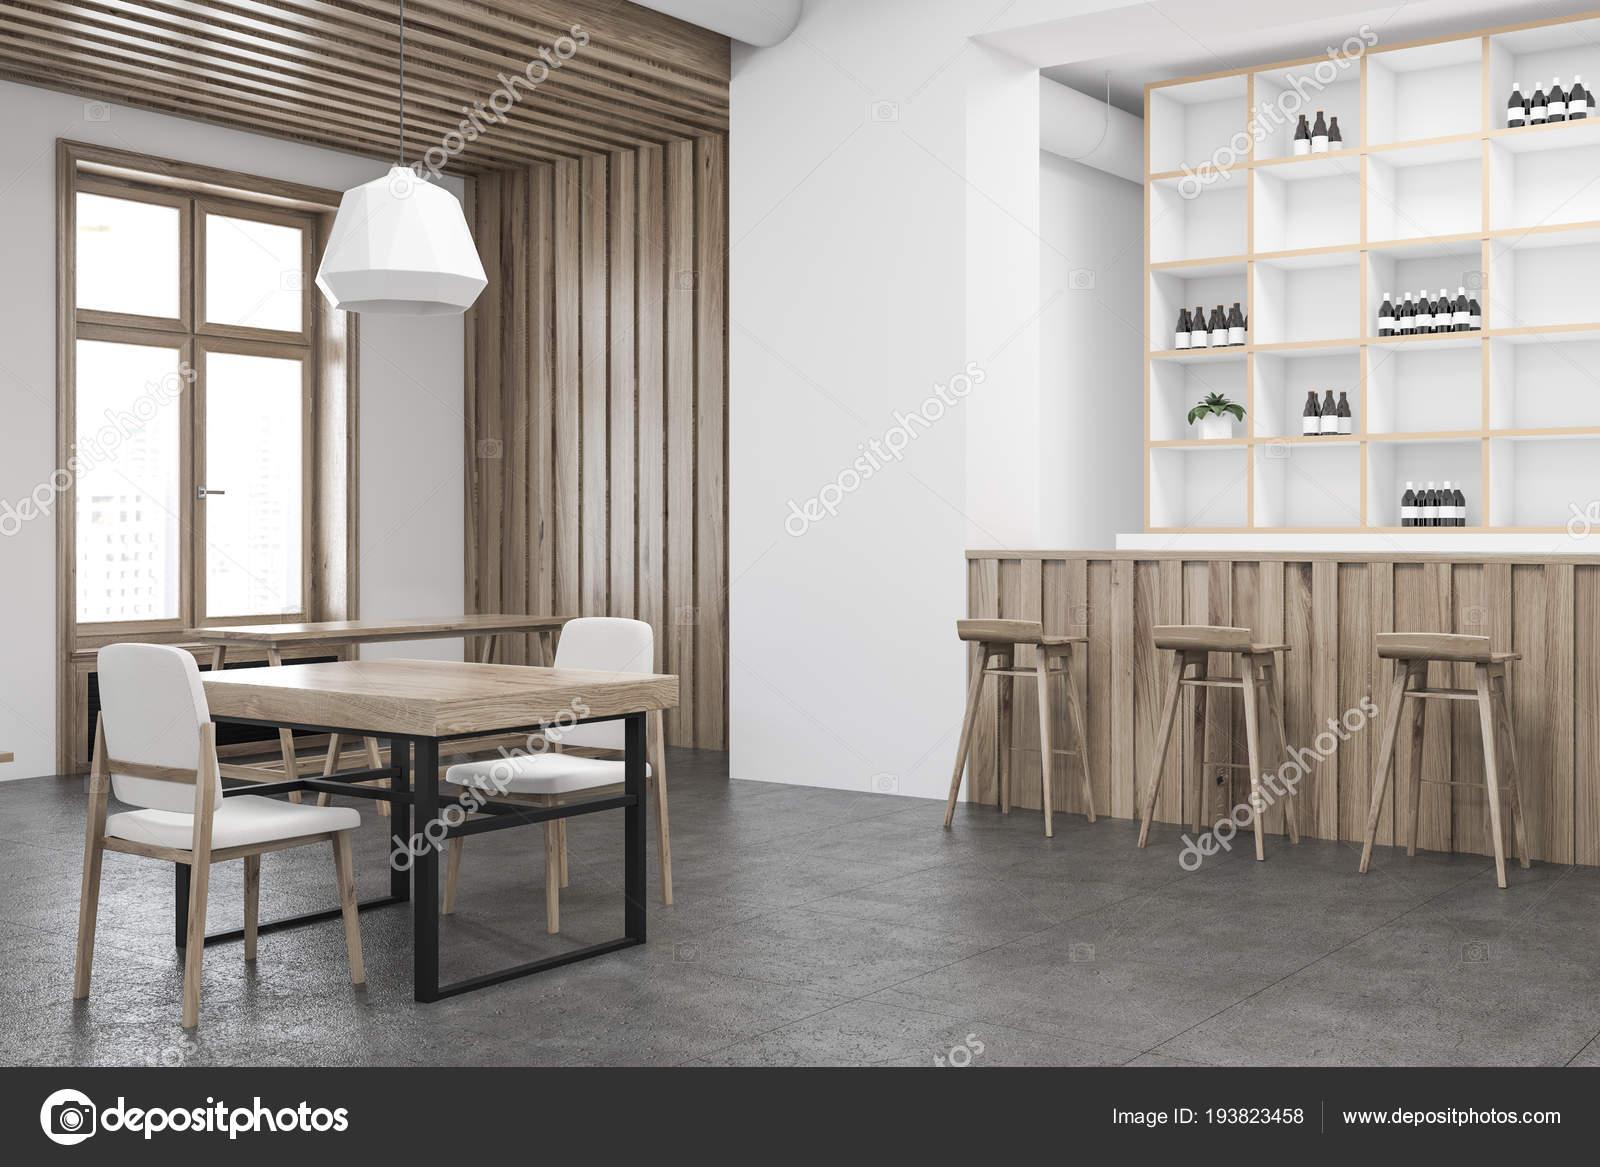 Pareti In Legno Bianco : Angolo bar parete legno bianco con pavimento cemento tavoli legno